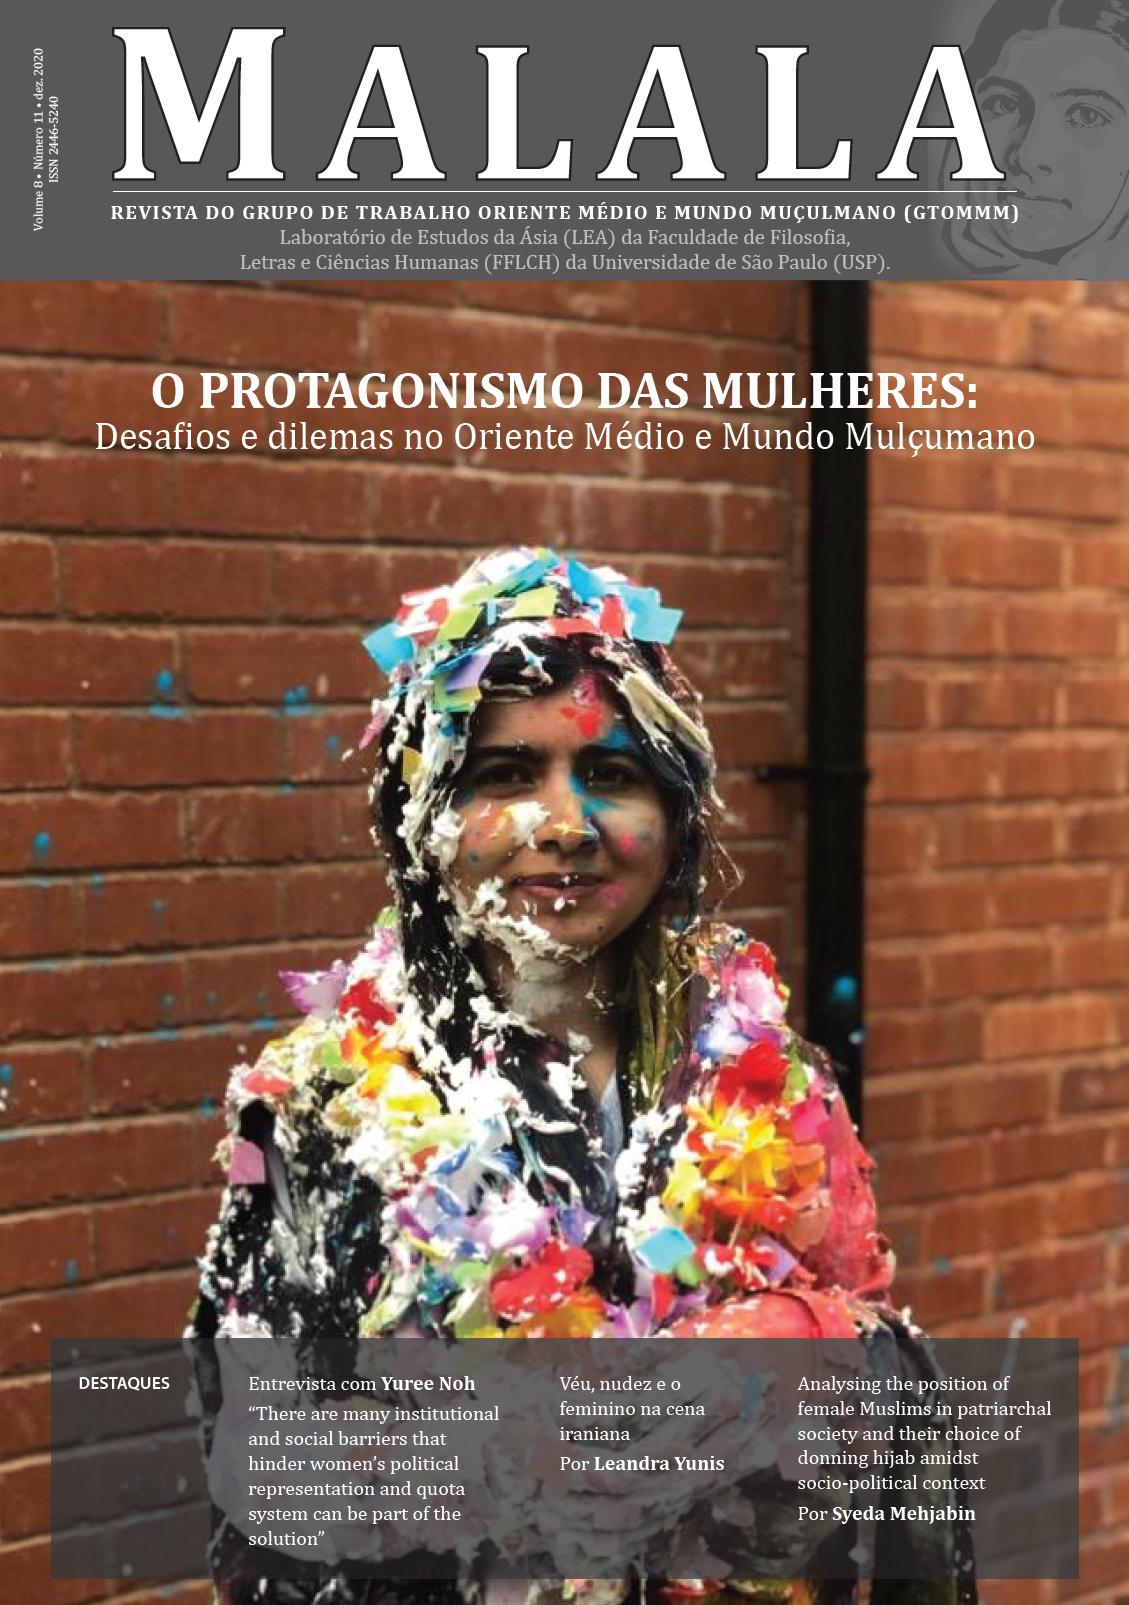 Visualizar v. 8 n. 11 (2020): O protagonismo das mulheres: desafios e dilemas no Oriente Médio e Mundo Muçulmano